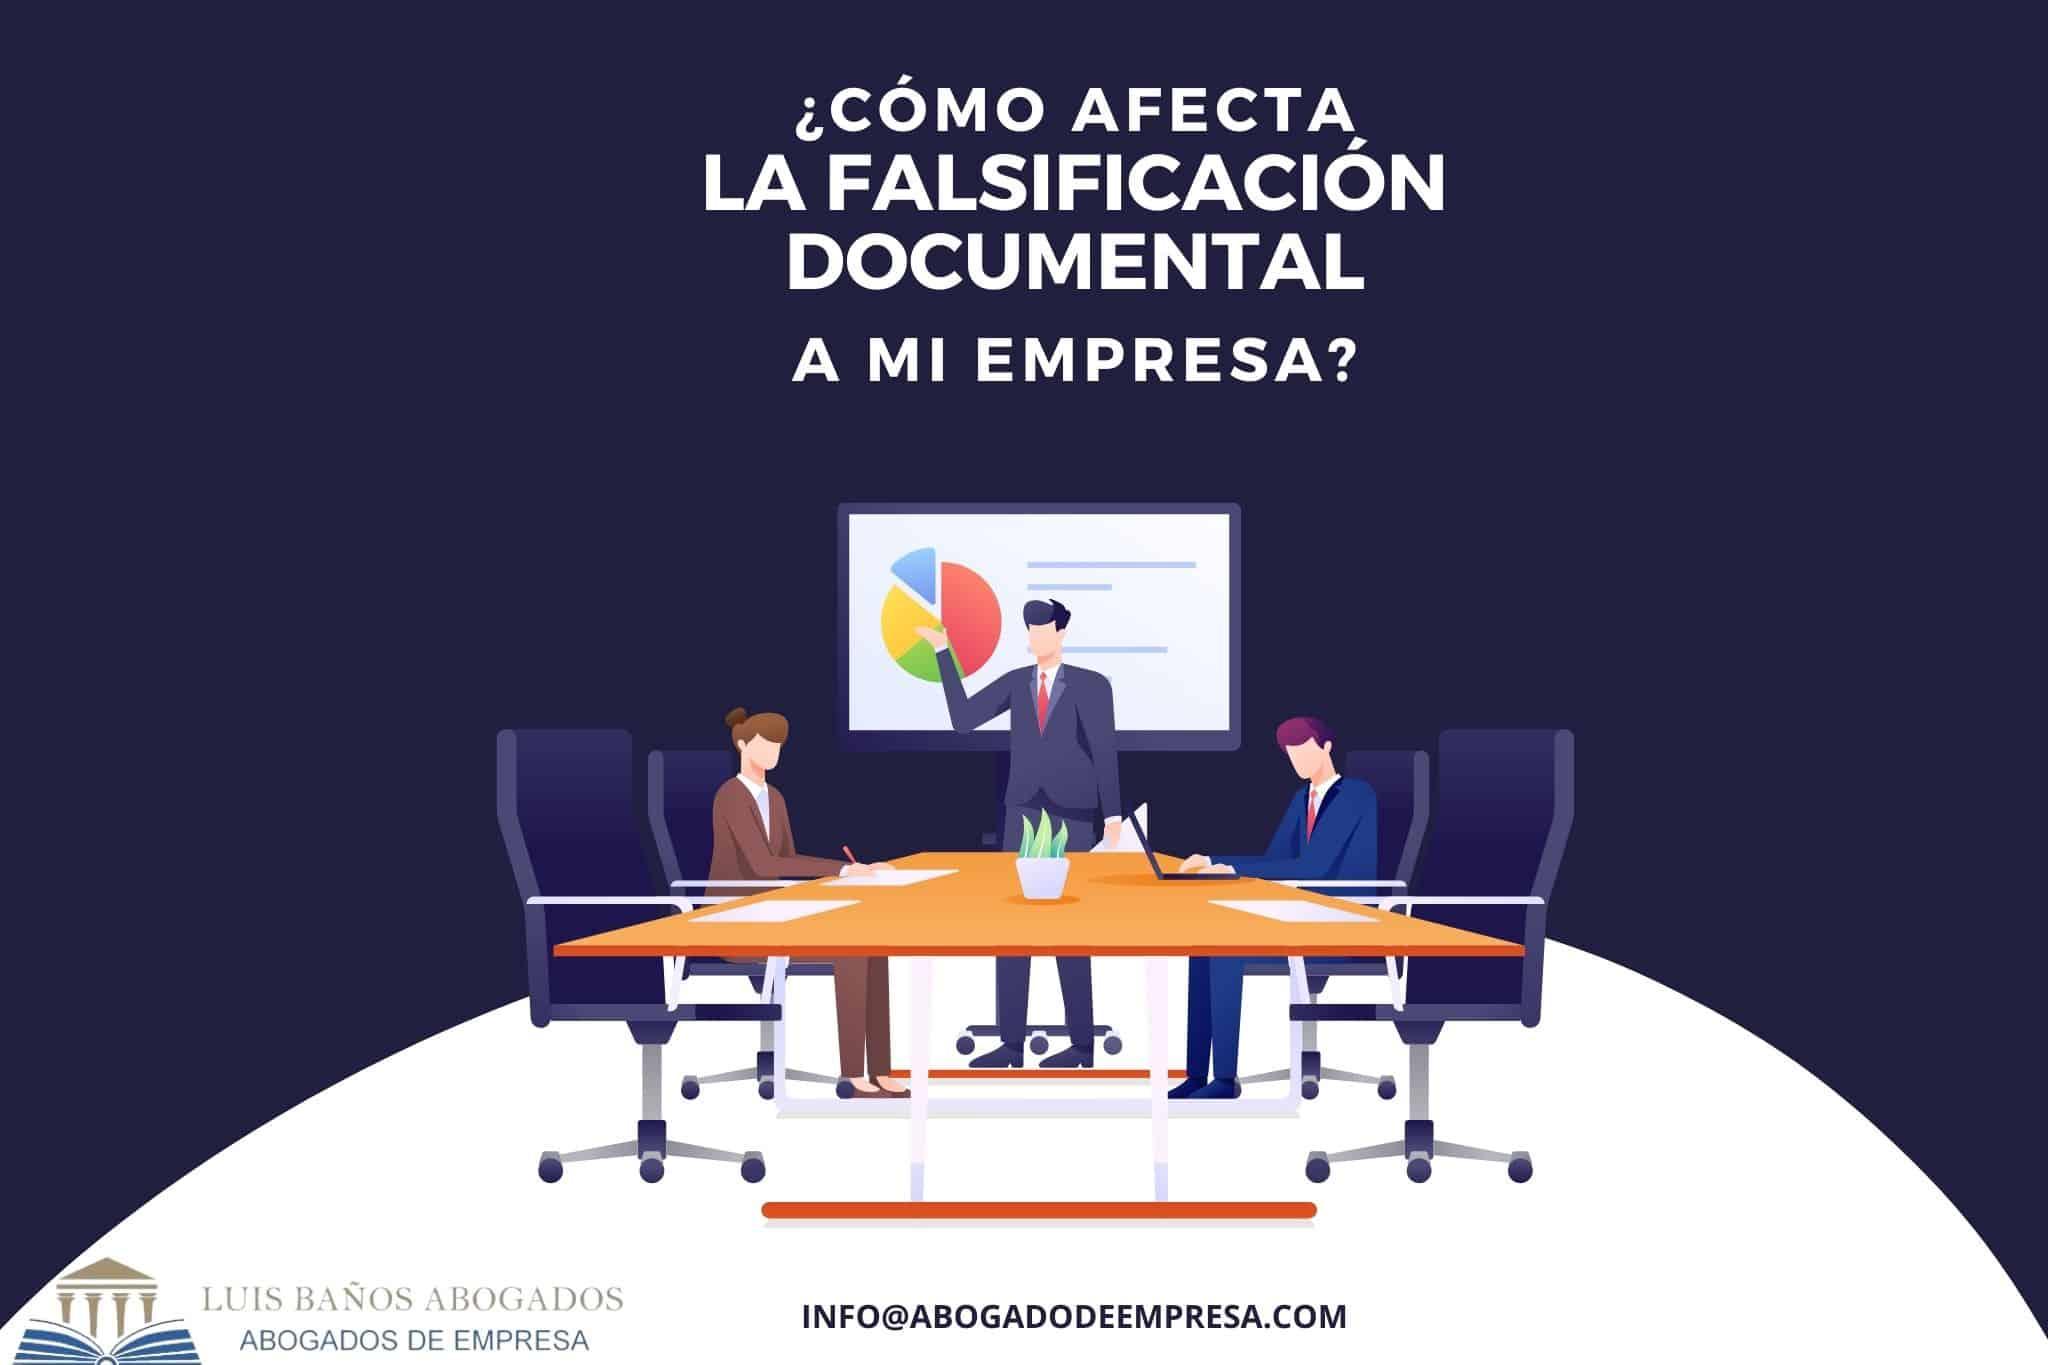 La falsificación de un documento en la empresa